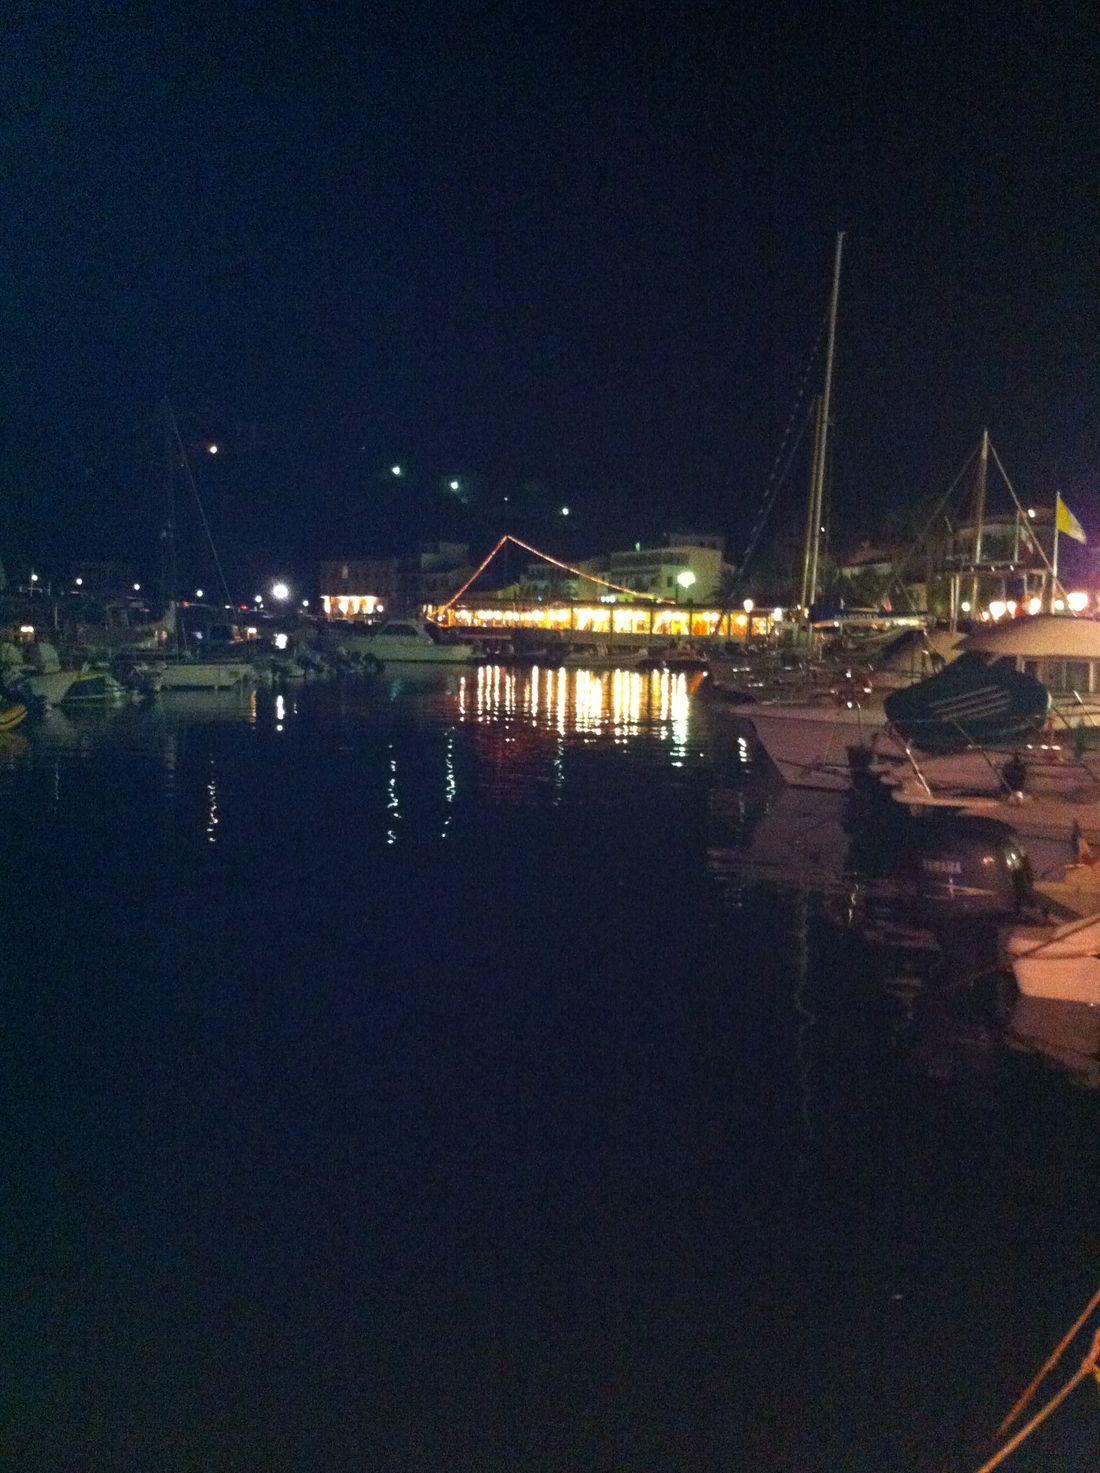 Party Time! Capaci, Isola Delle Femmine, Mare, Spiaggia